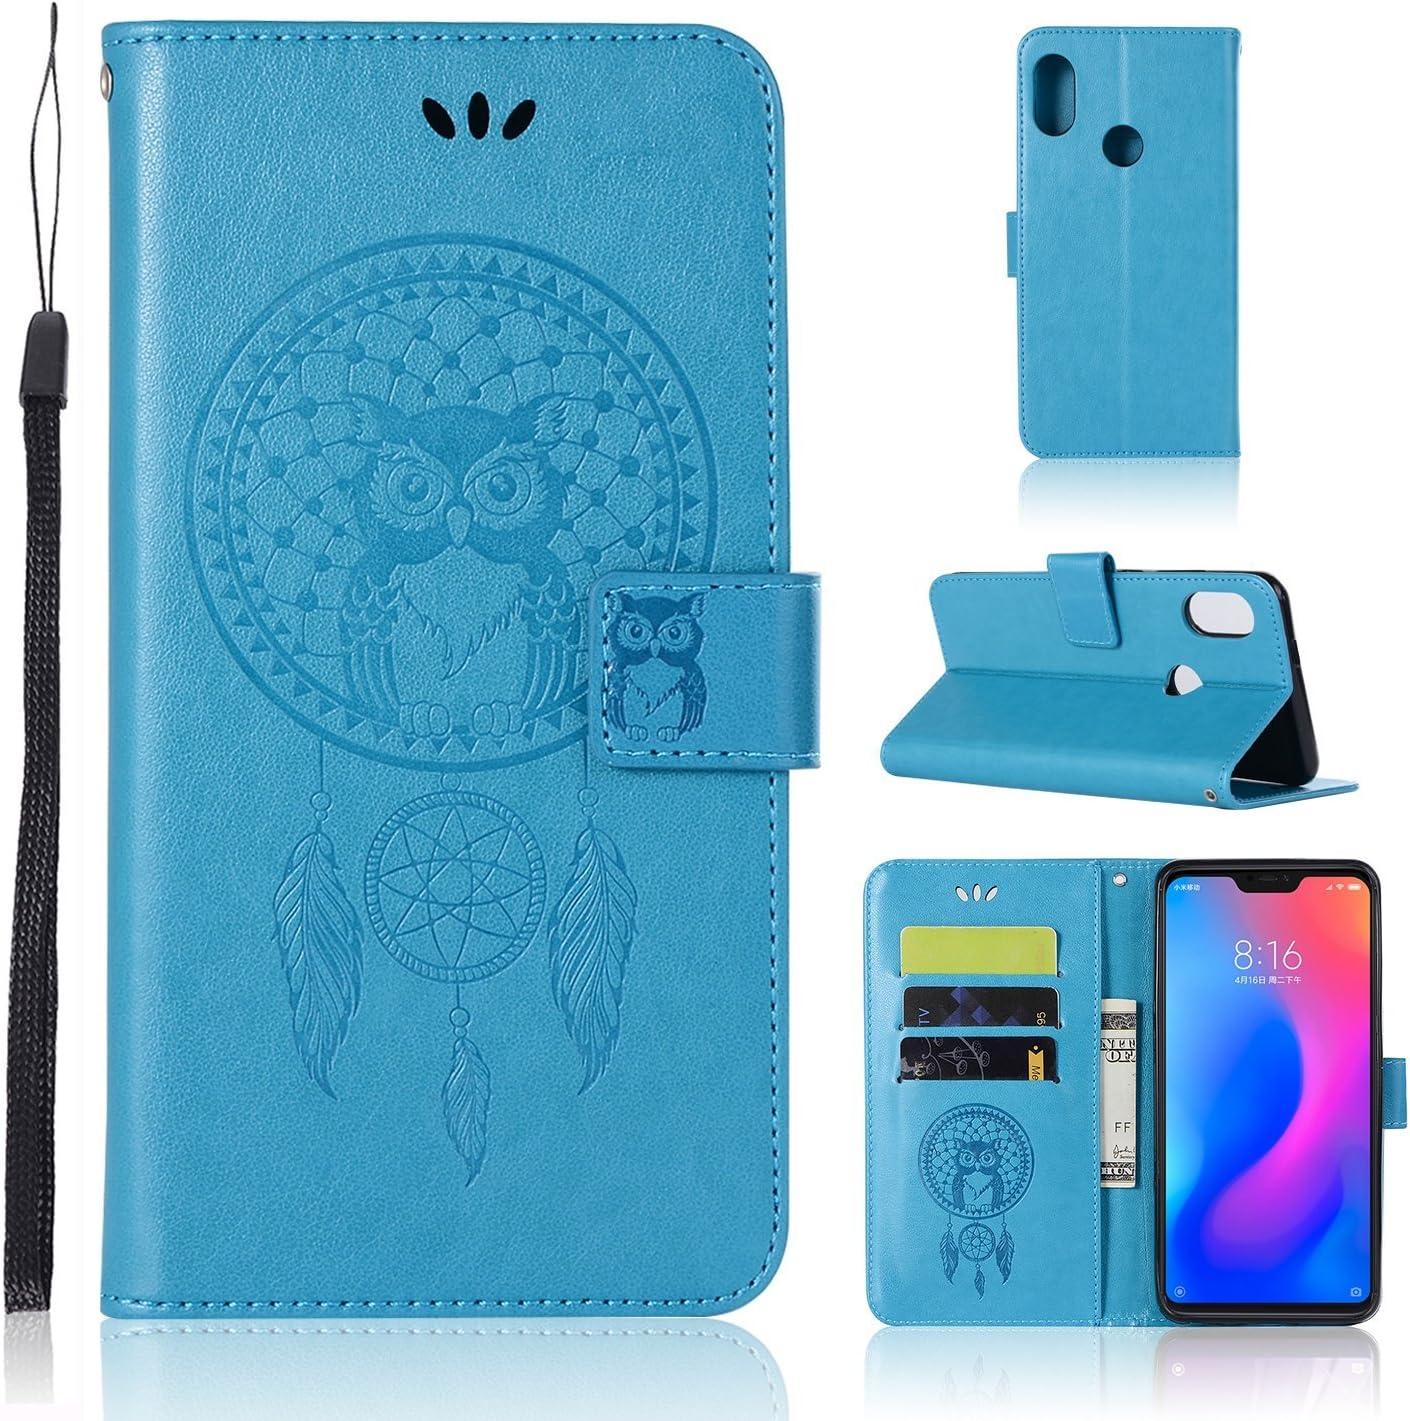 Zchen Funda Xiaomi Redmi 6 Pro, Funda Xiaomi Mi A2 Lite, Funda Piel con Tapa PU Tipo Libro Billetera Resistent Carcasa para Xiaomi Redmi 6 Pro/Mi A2 Lite (Atrapasueños Búho-Azul)